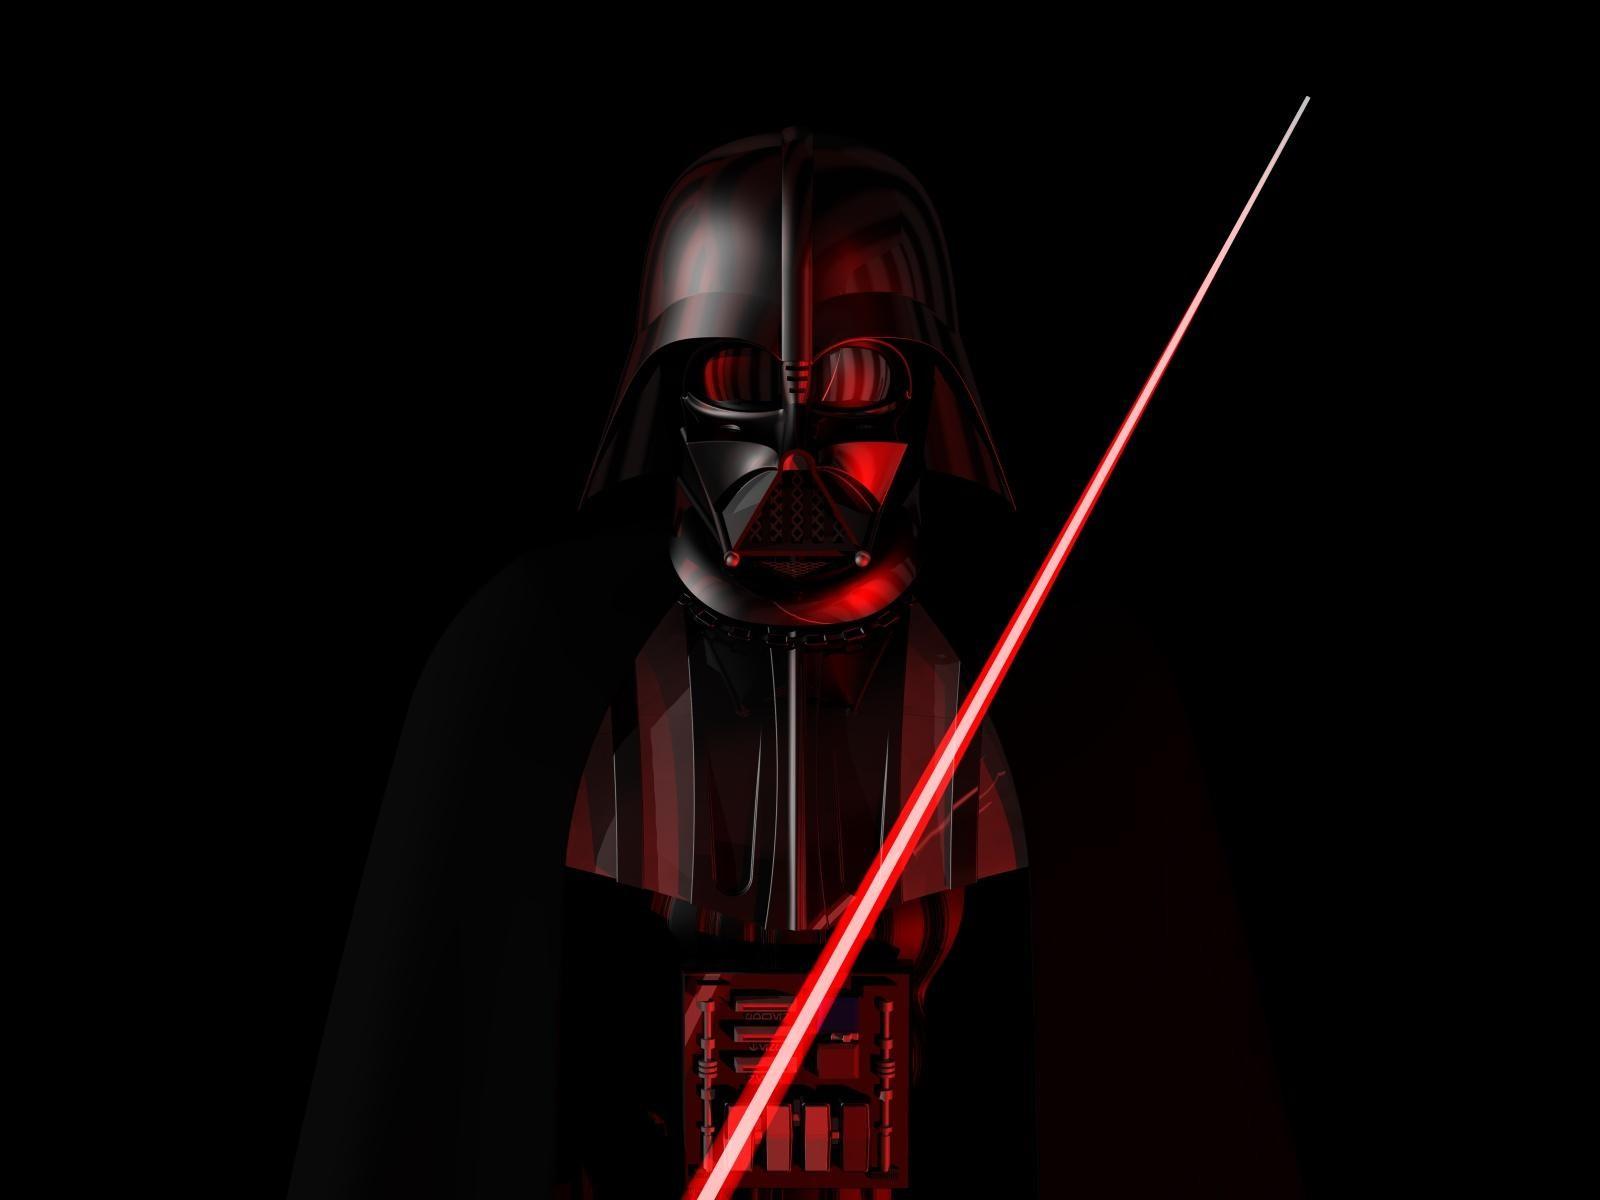 Star wars darth vader dark side wallpaper   ForWallpapercom 1600x1200